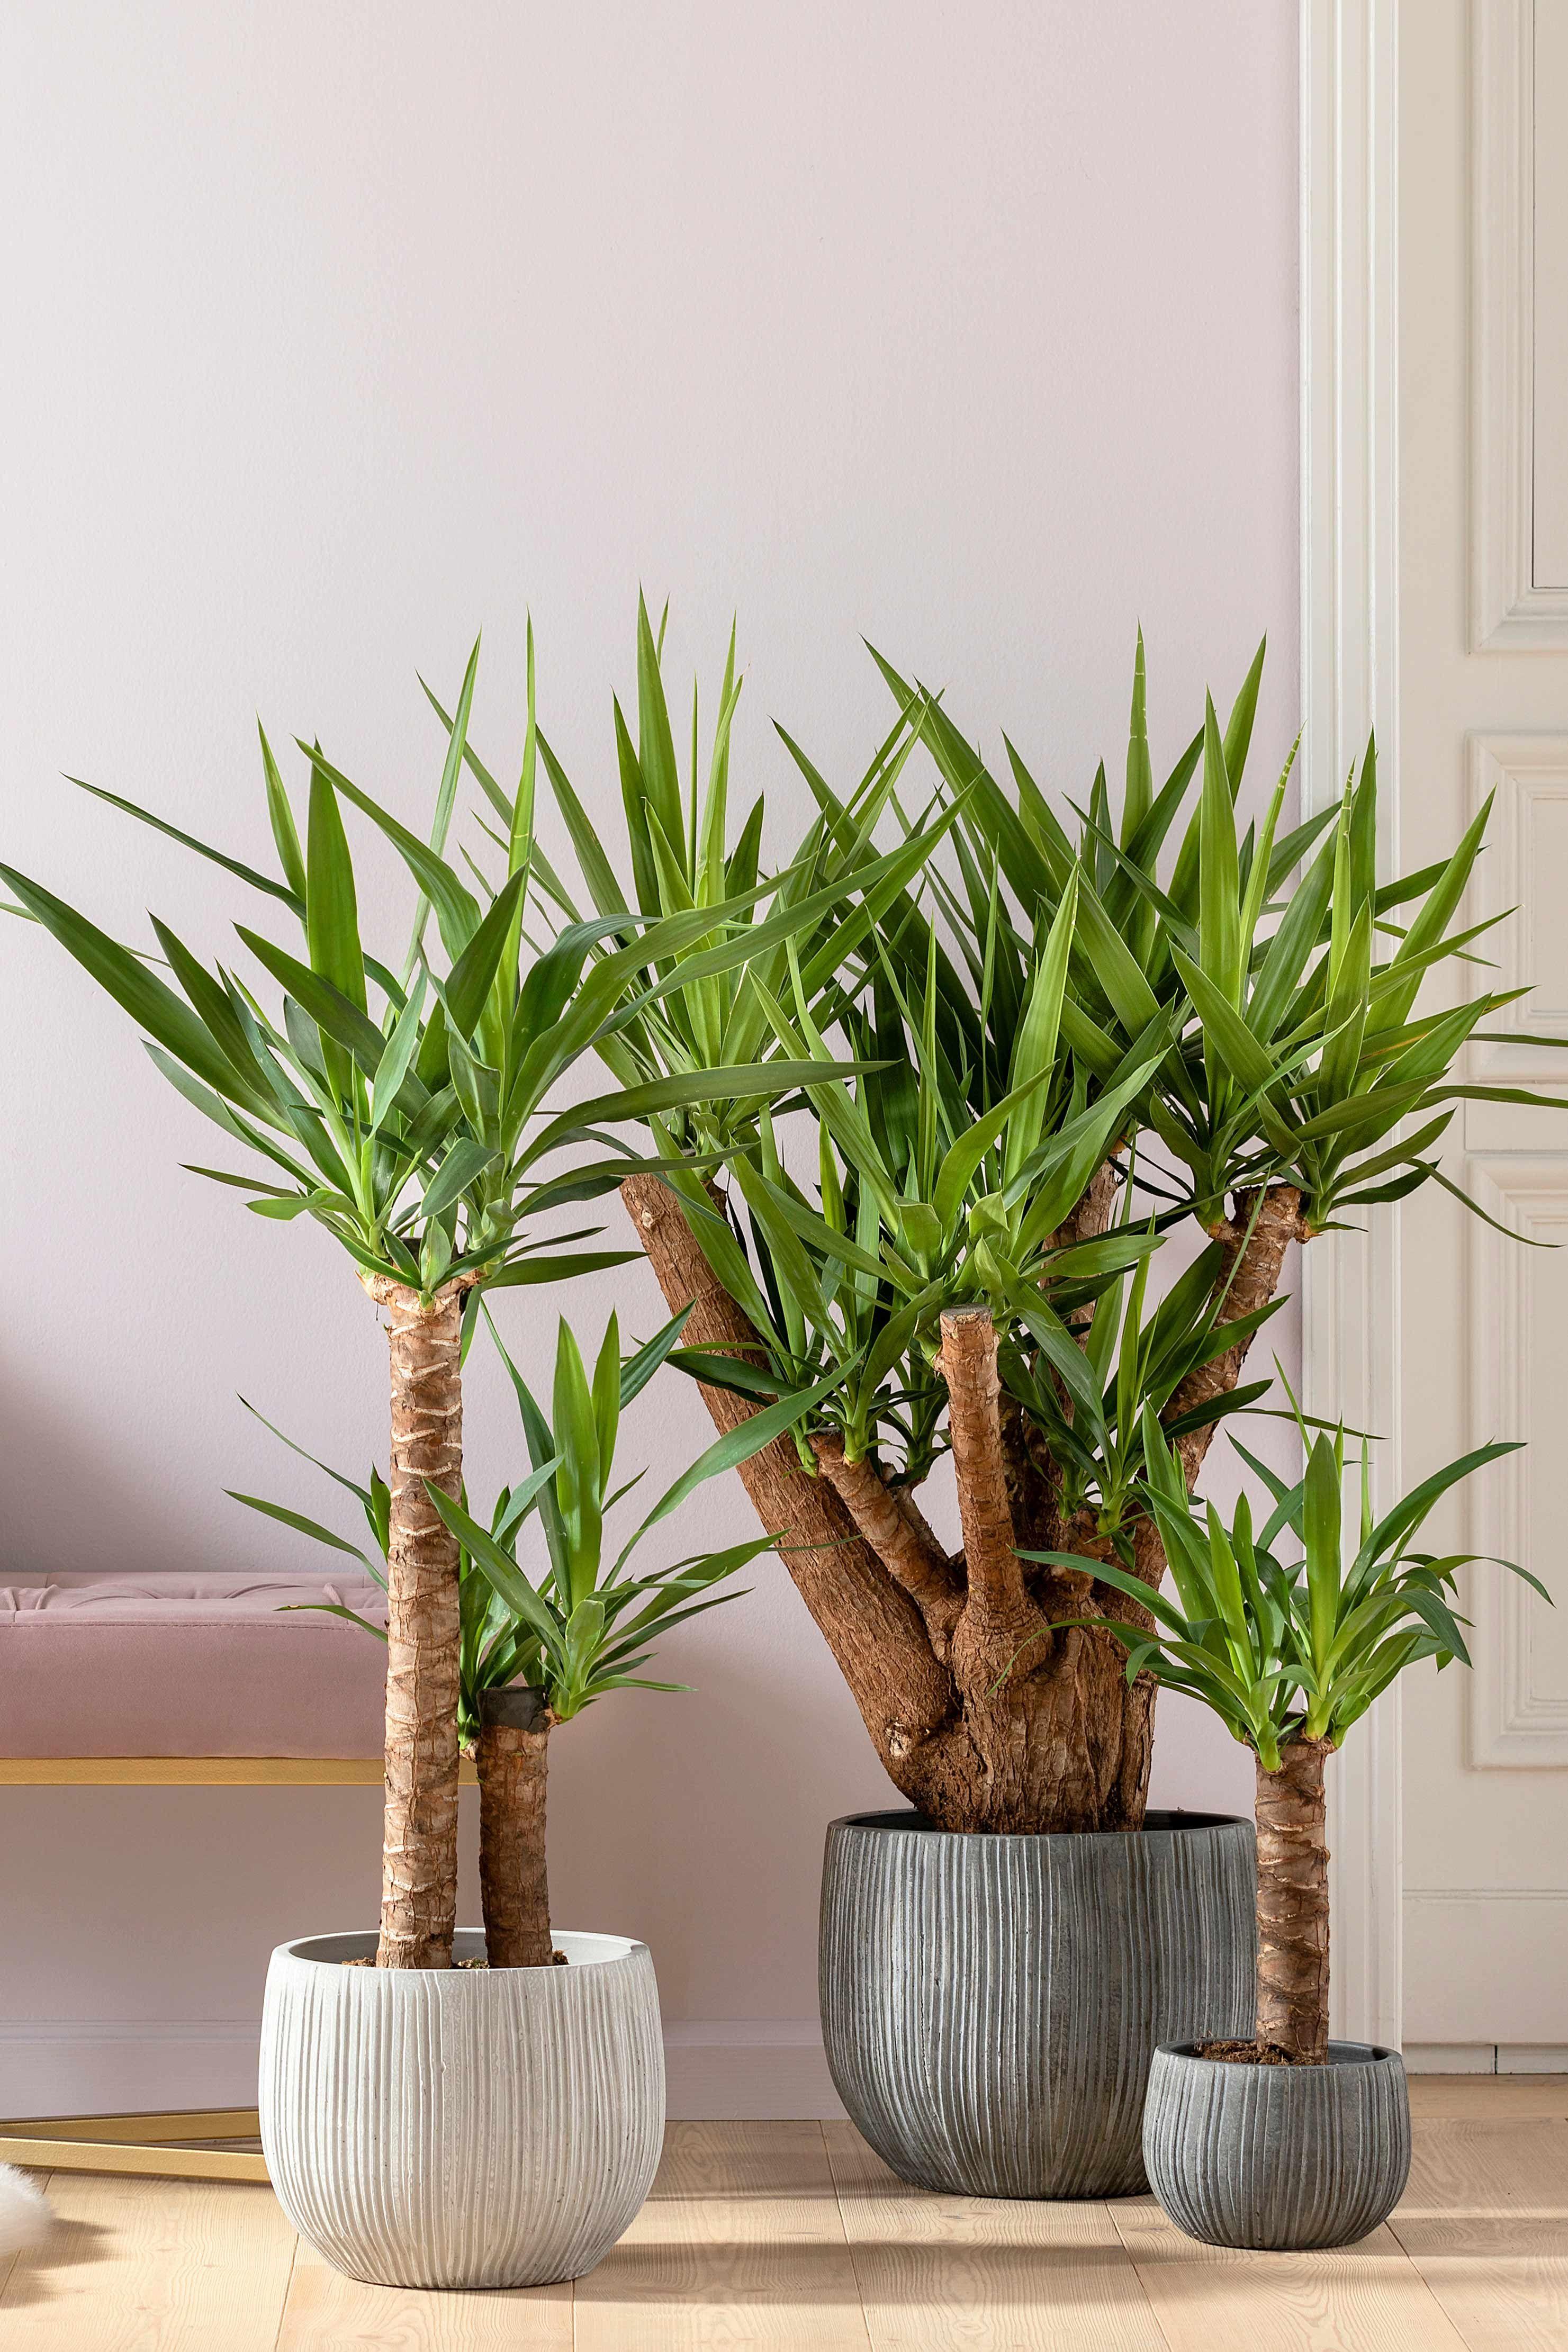 Yucca Palme Pflanzen Zimmer Indoor Pflanzen Dekor Yucca Pflanze